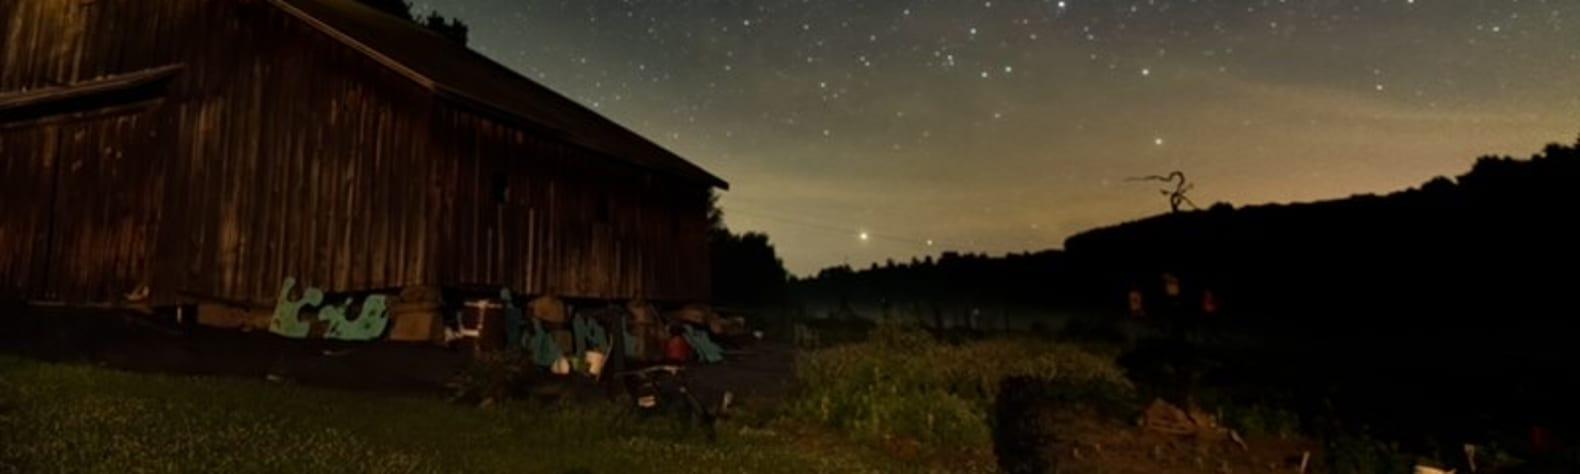 Stargazing Field at Olga Farm